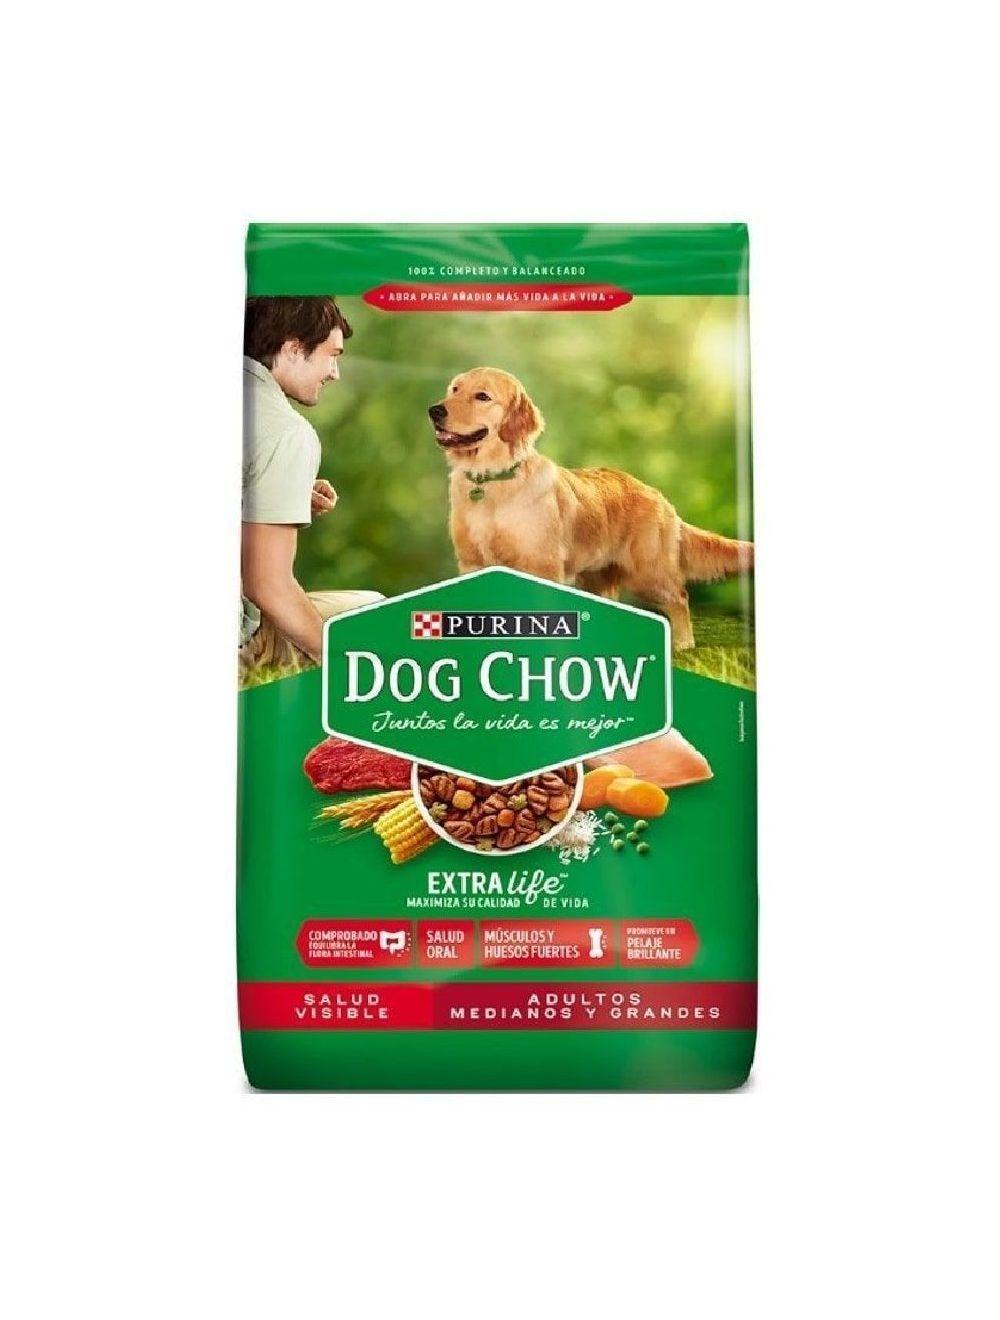 Dog Chow Salud Visible Adultos Medianos Y Grandes (17 Kg)